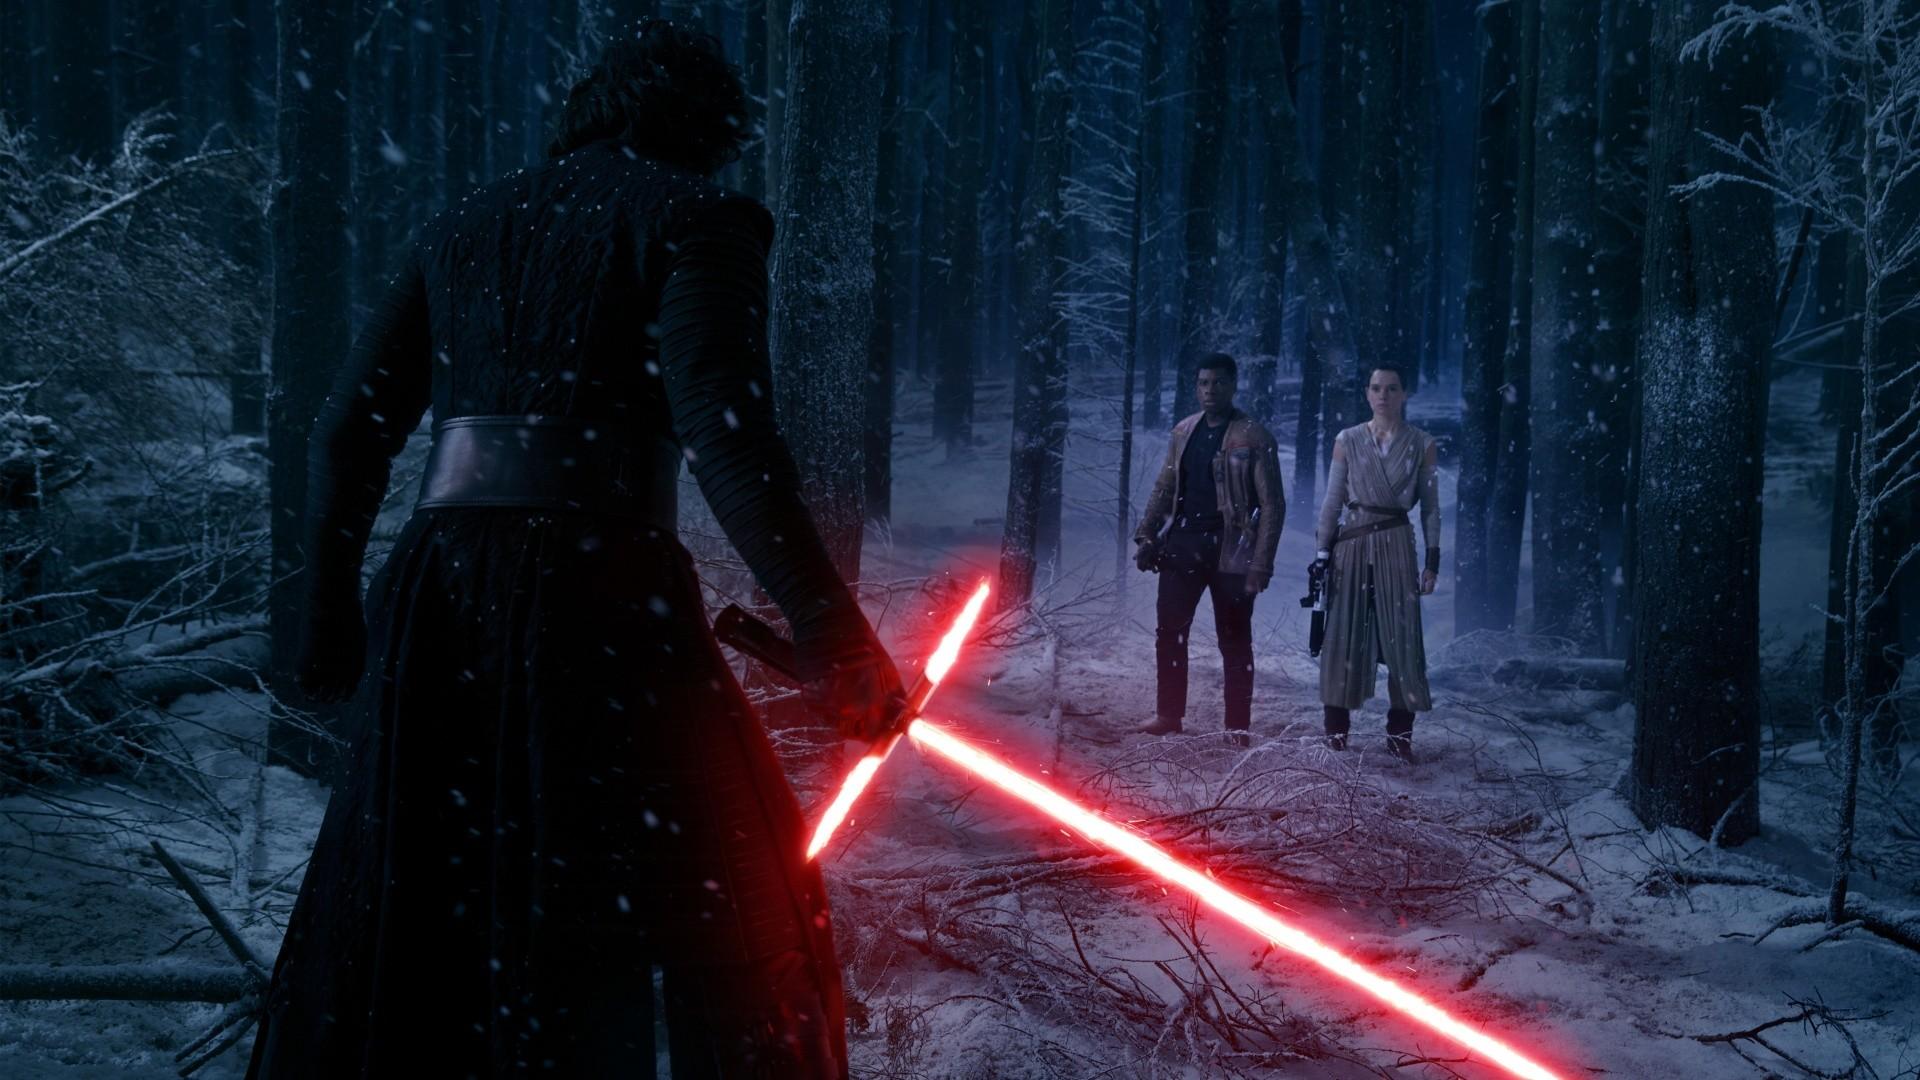 Star Wars Kylo Ren Lightsaber Finn Rey Wallpapers